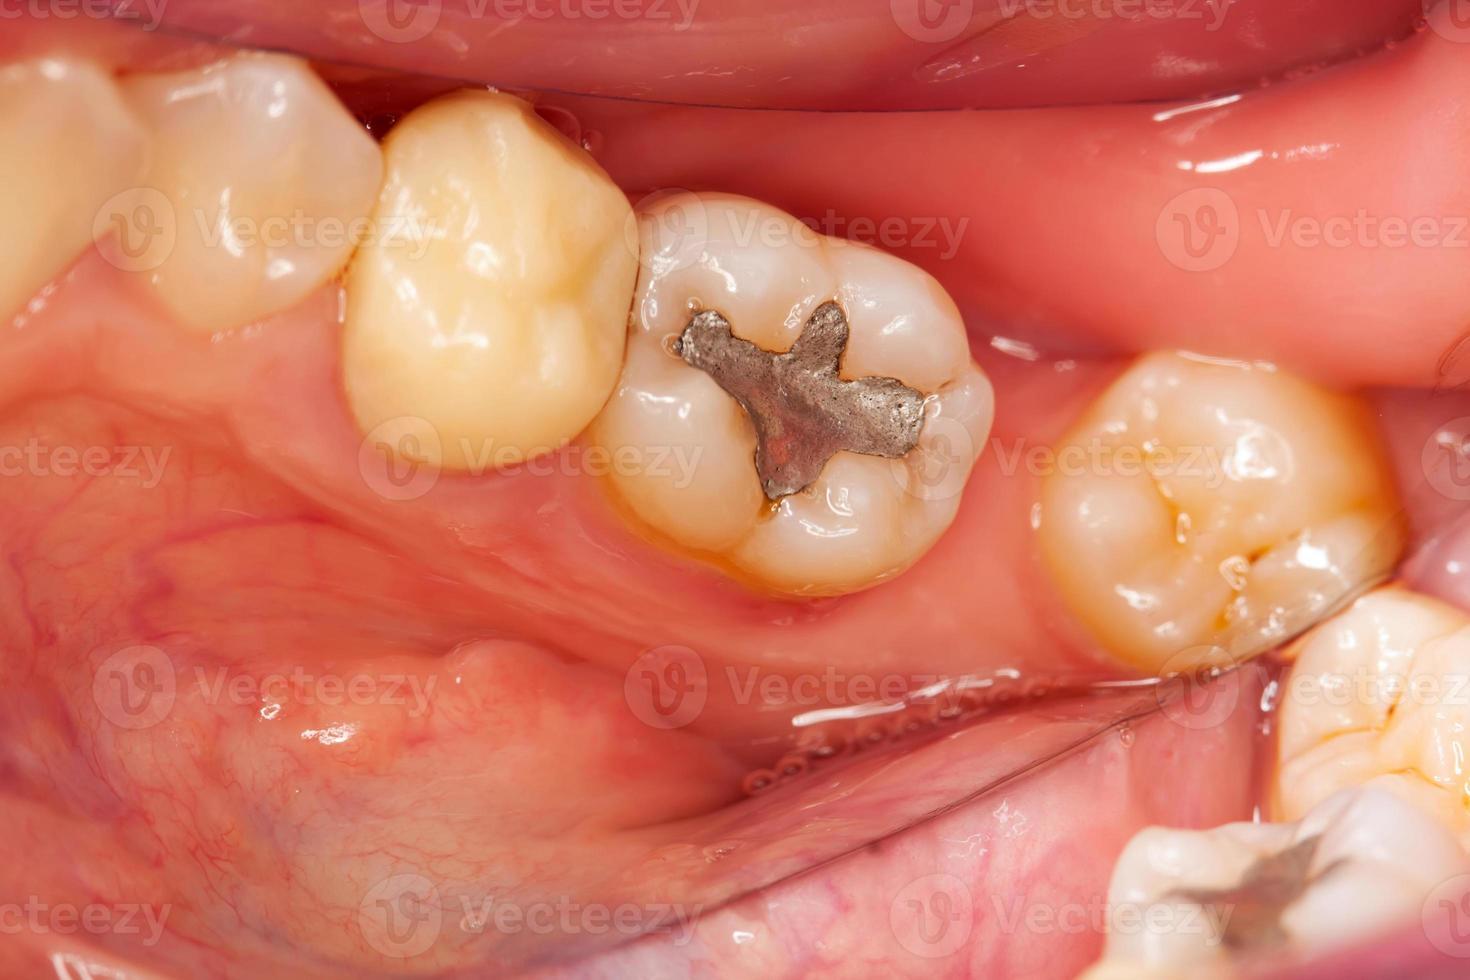 problèmes dentaires photo